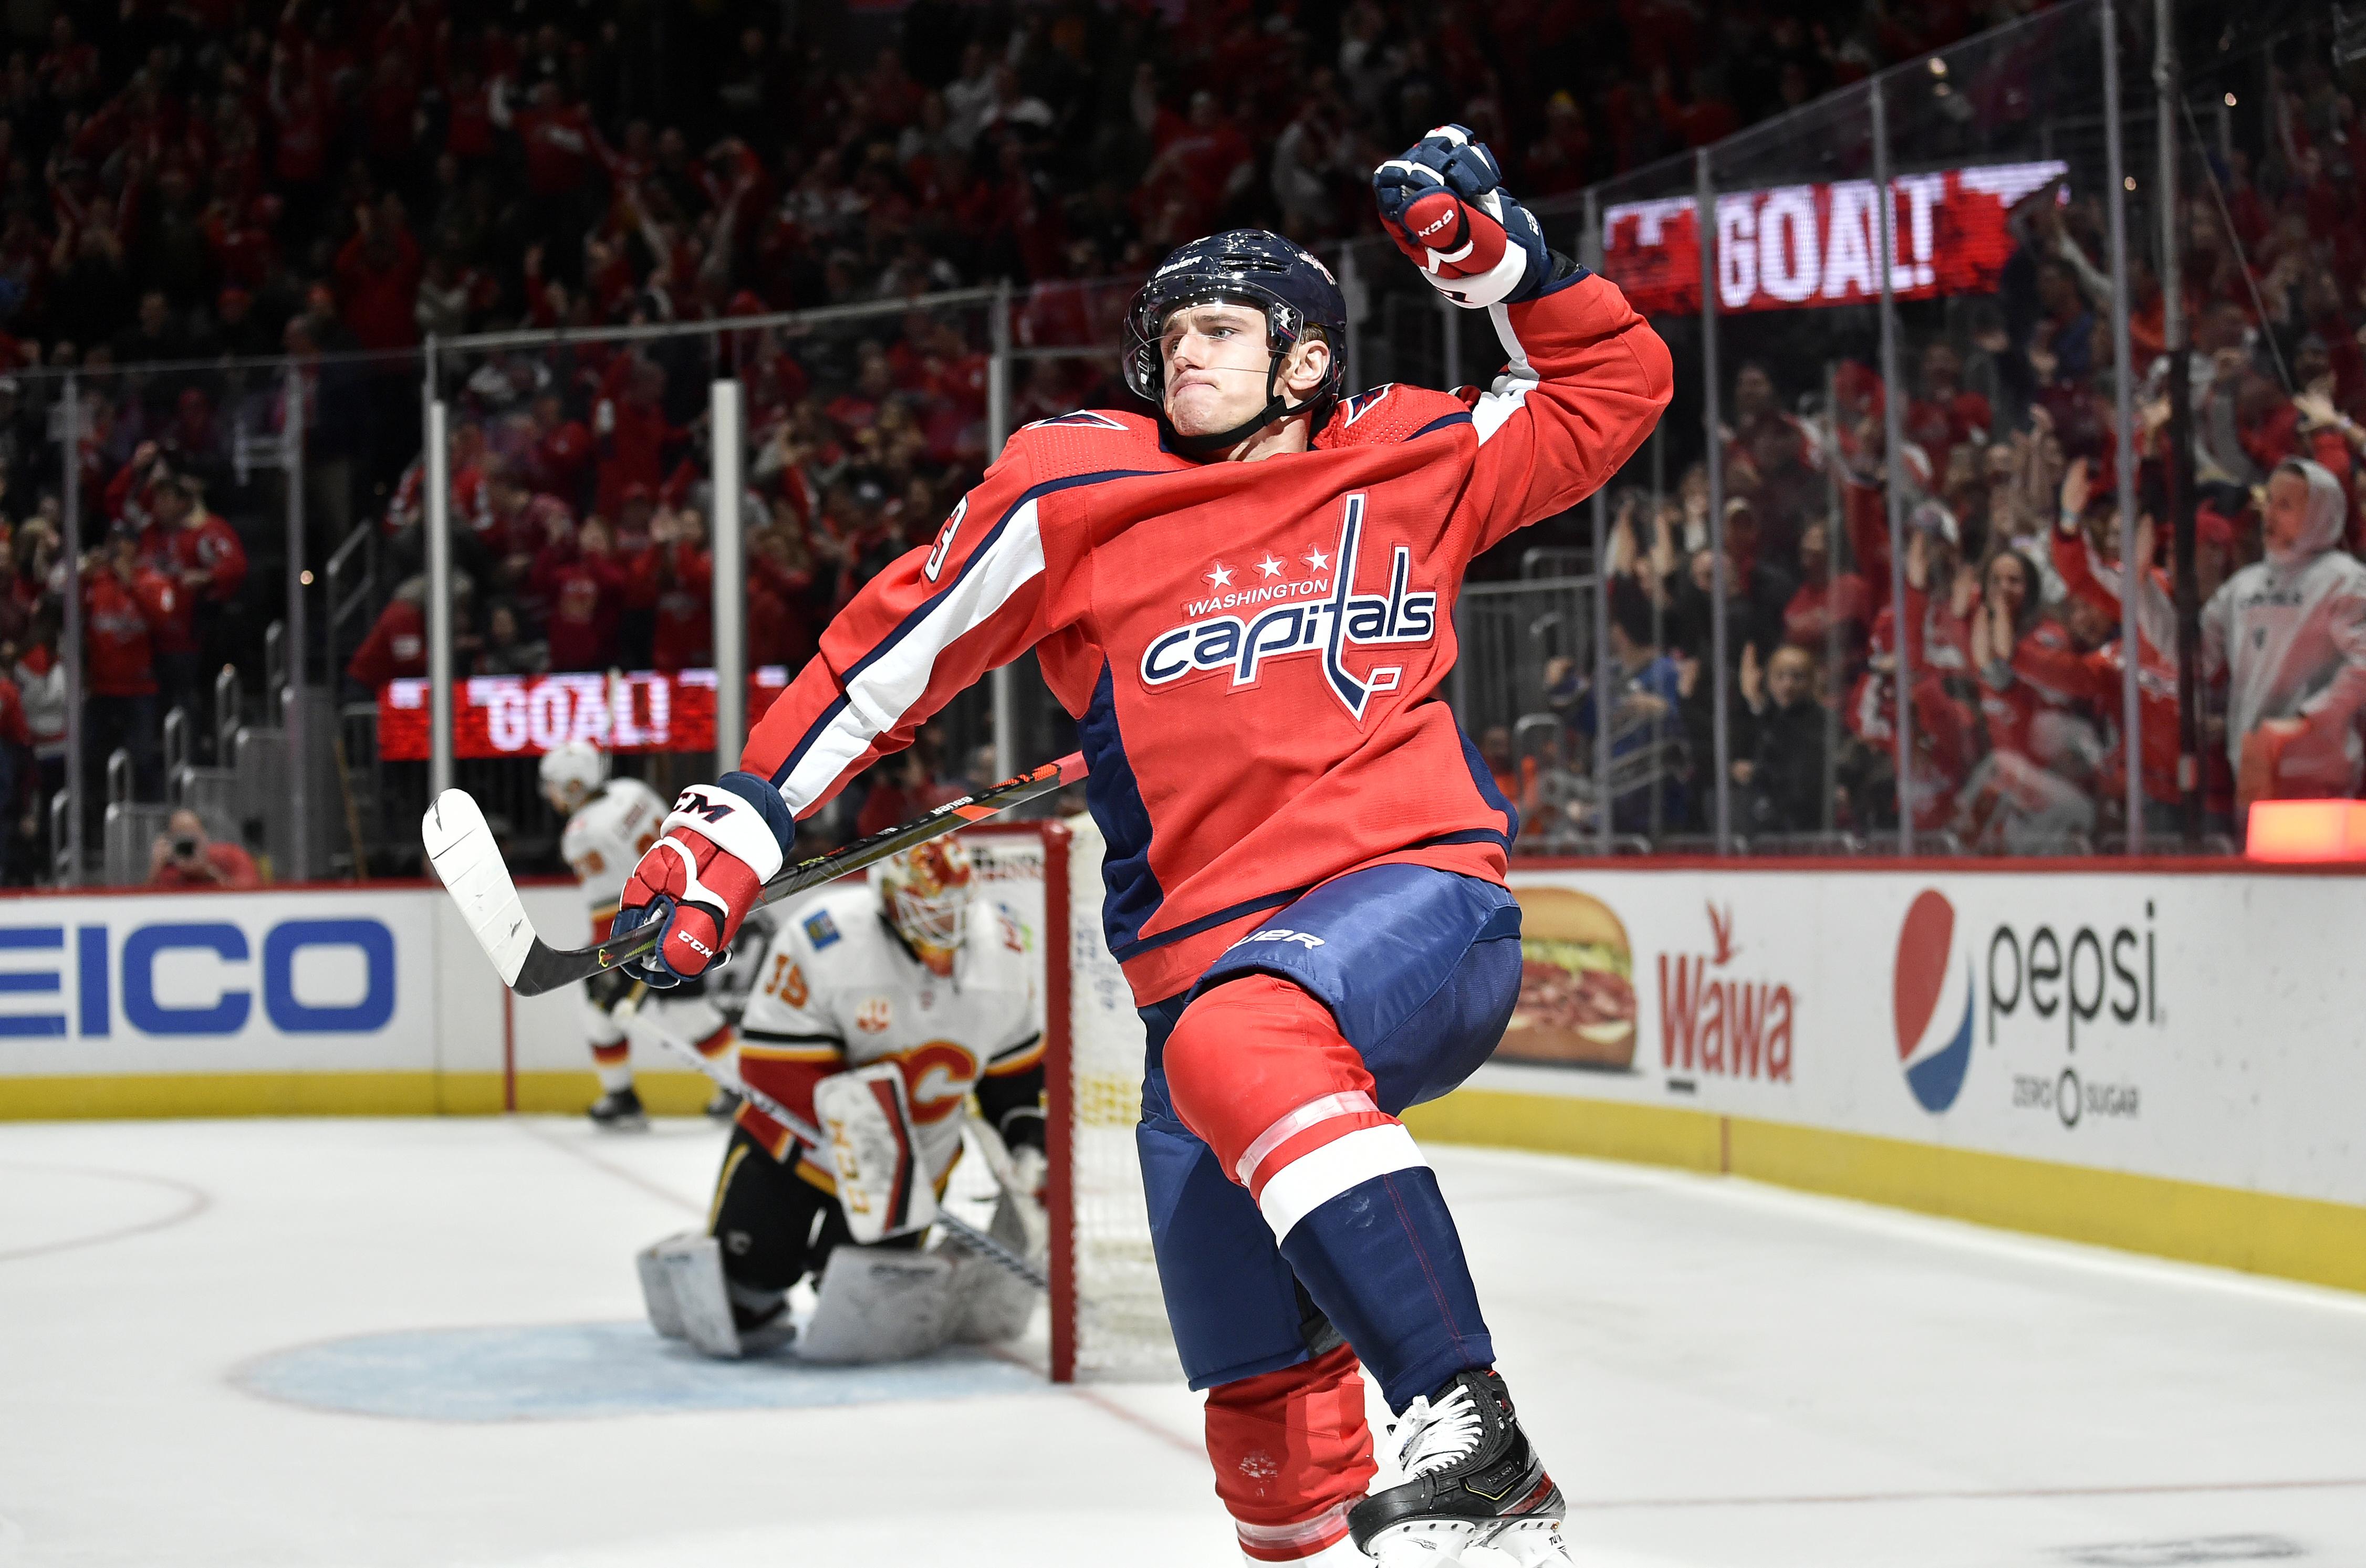 NHL: NOV 03 Flames at Capitals